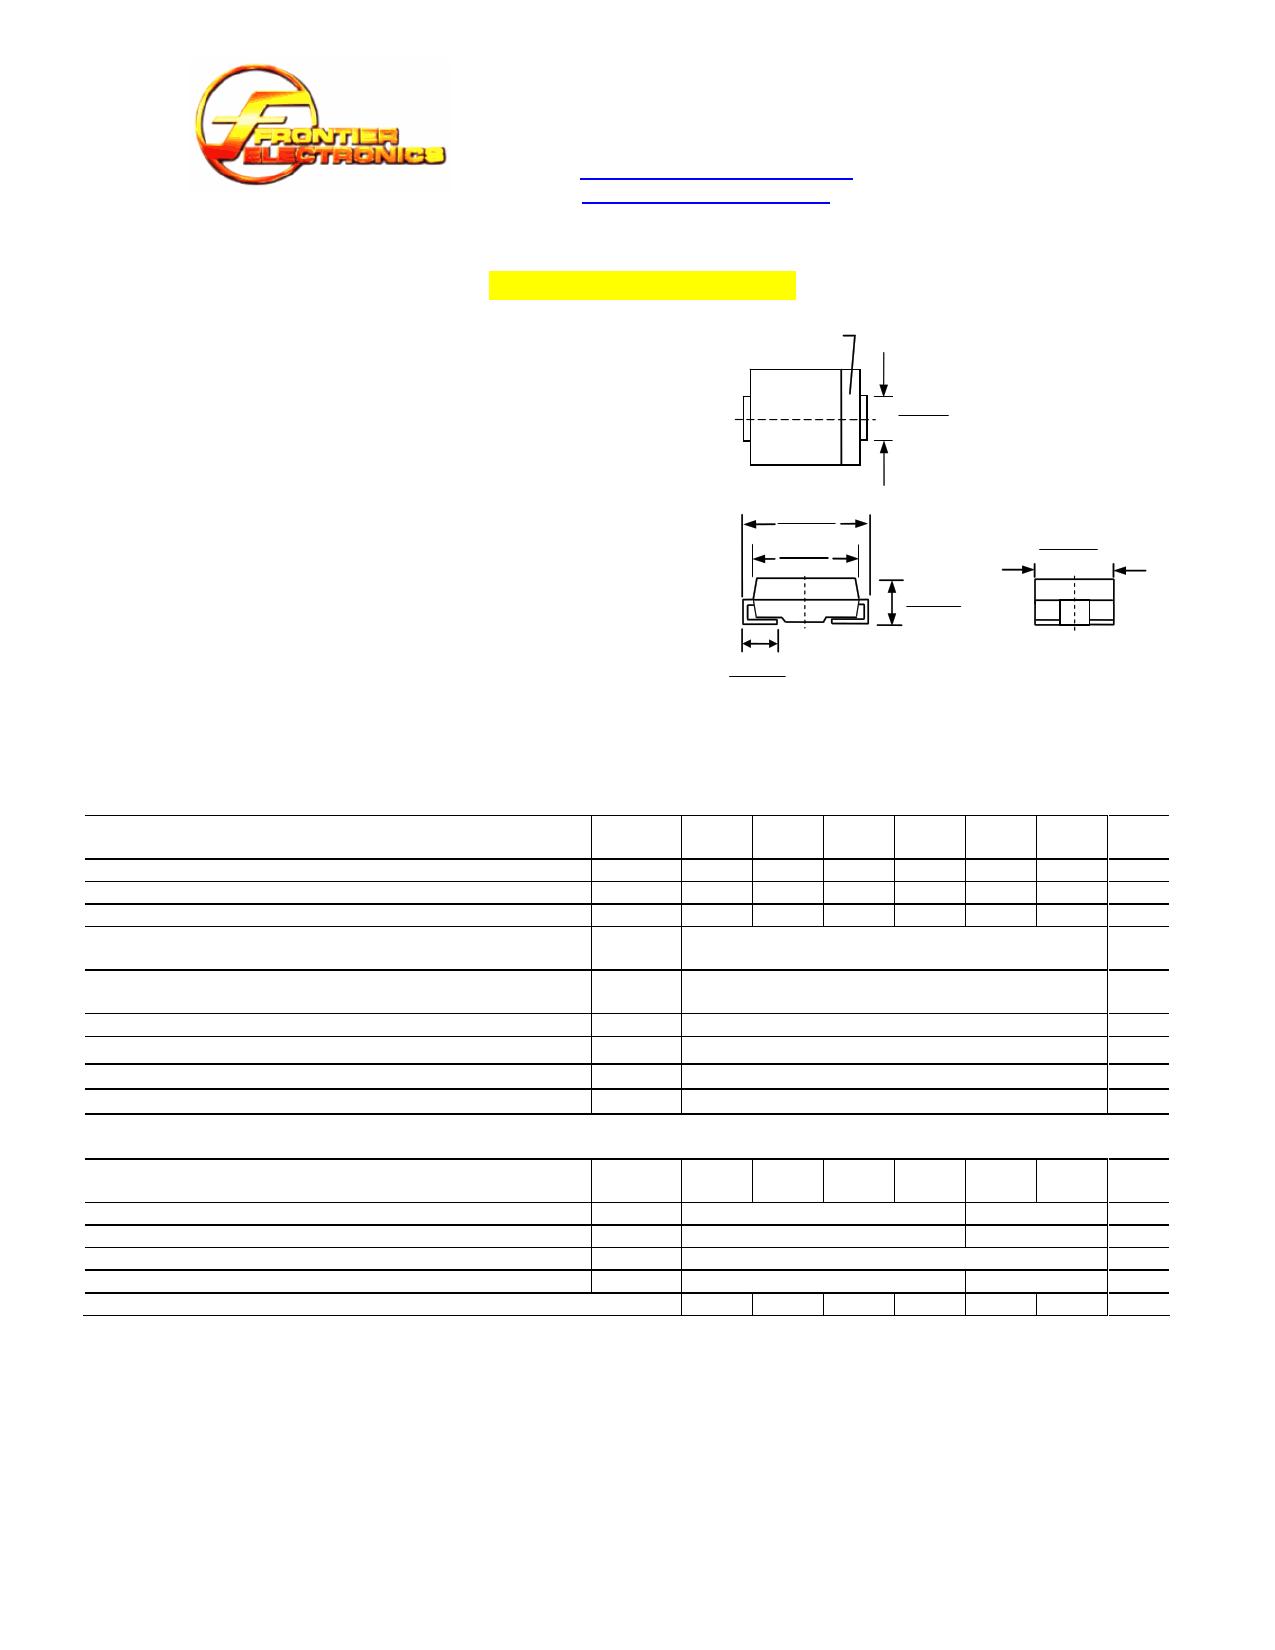 MURS315 Datasheet, MURS315 PDF,ピン配置, 機能